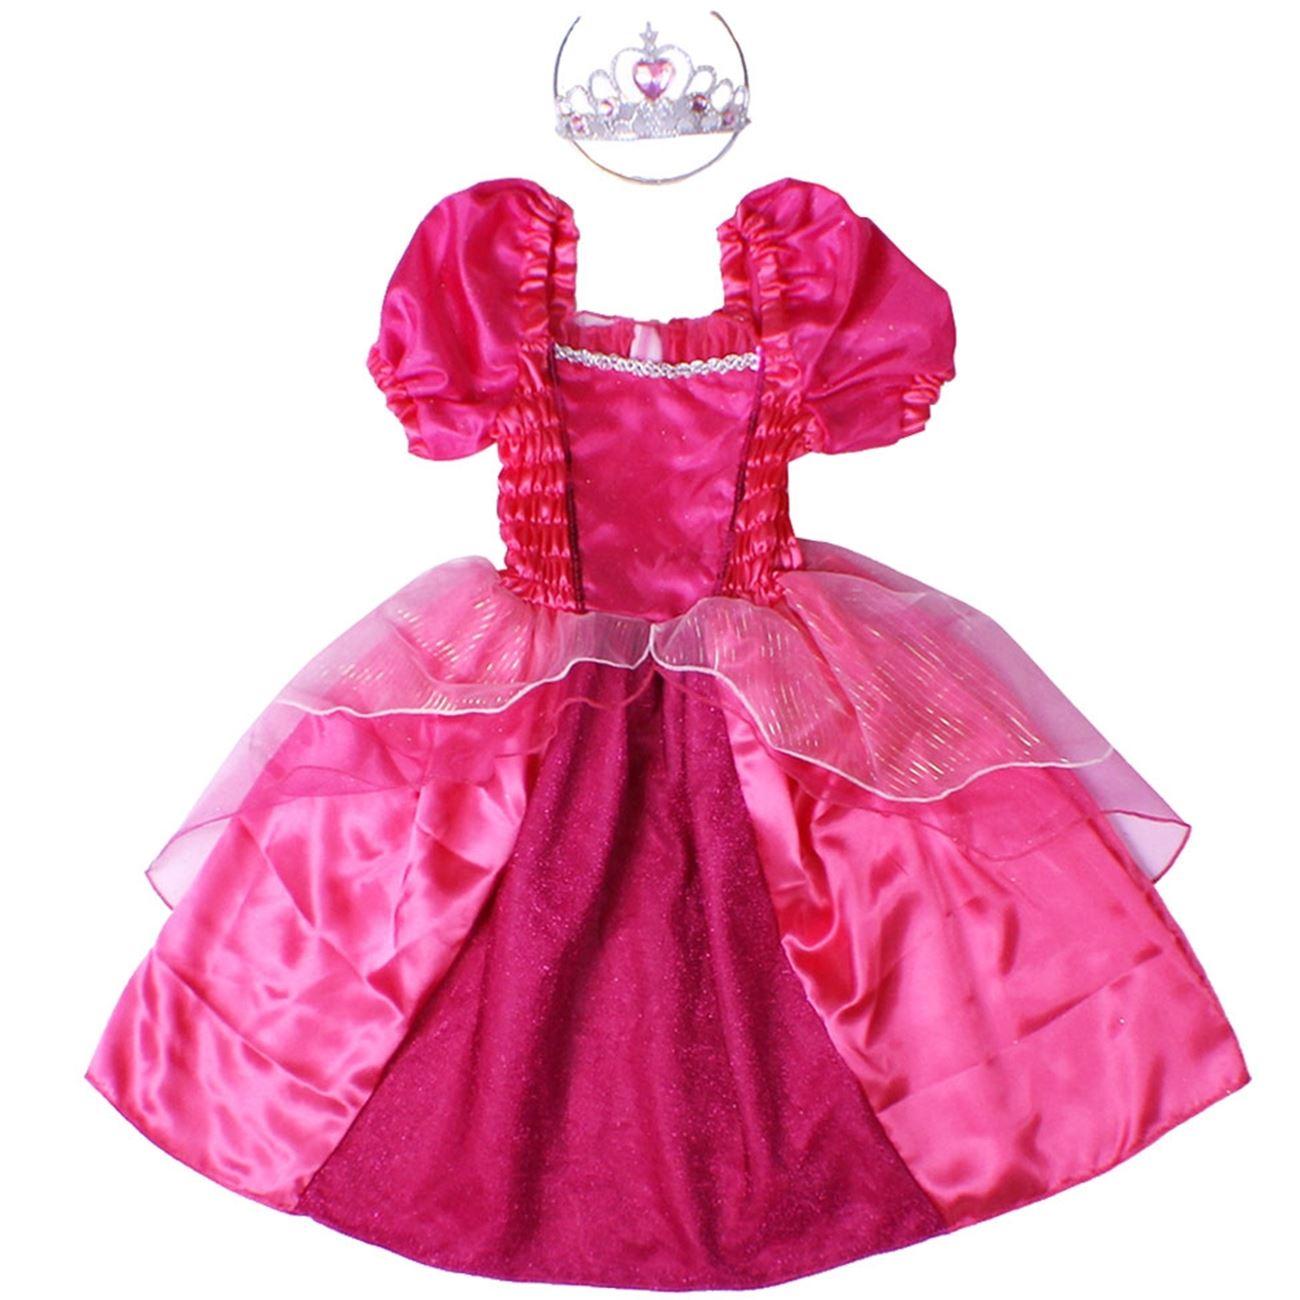 Αποκριάτικη Στολή Πριγκίπισσα Φόρεμα   Στέμμα 3176348a3fb